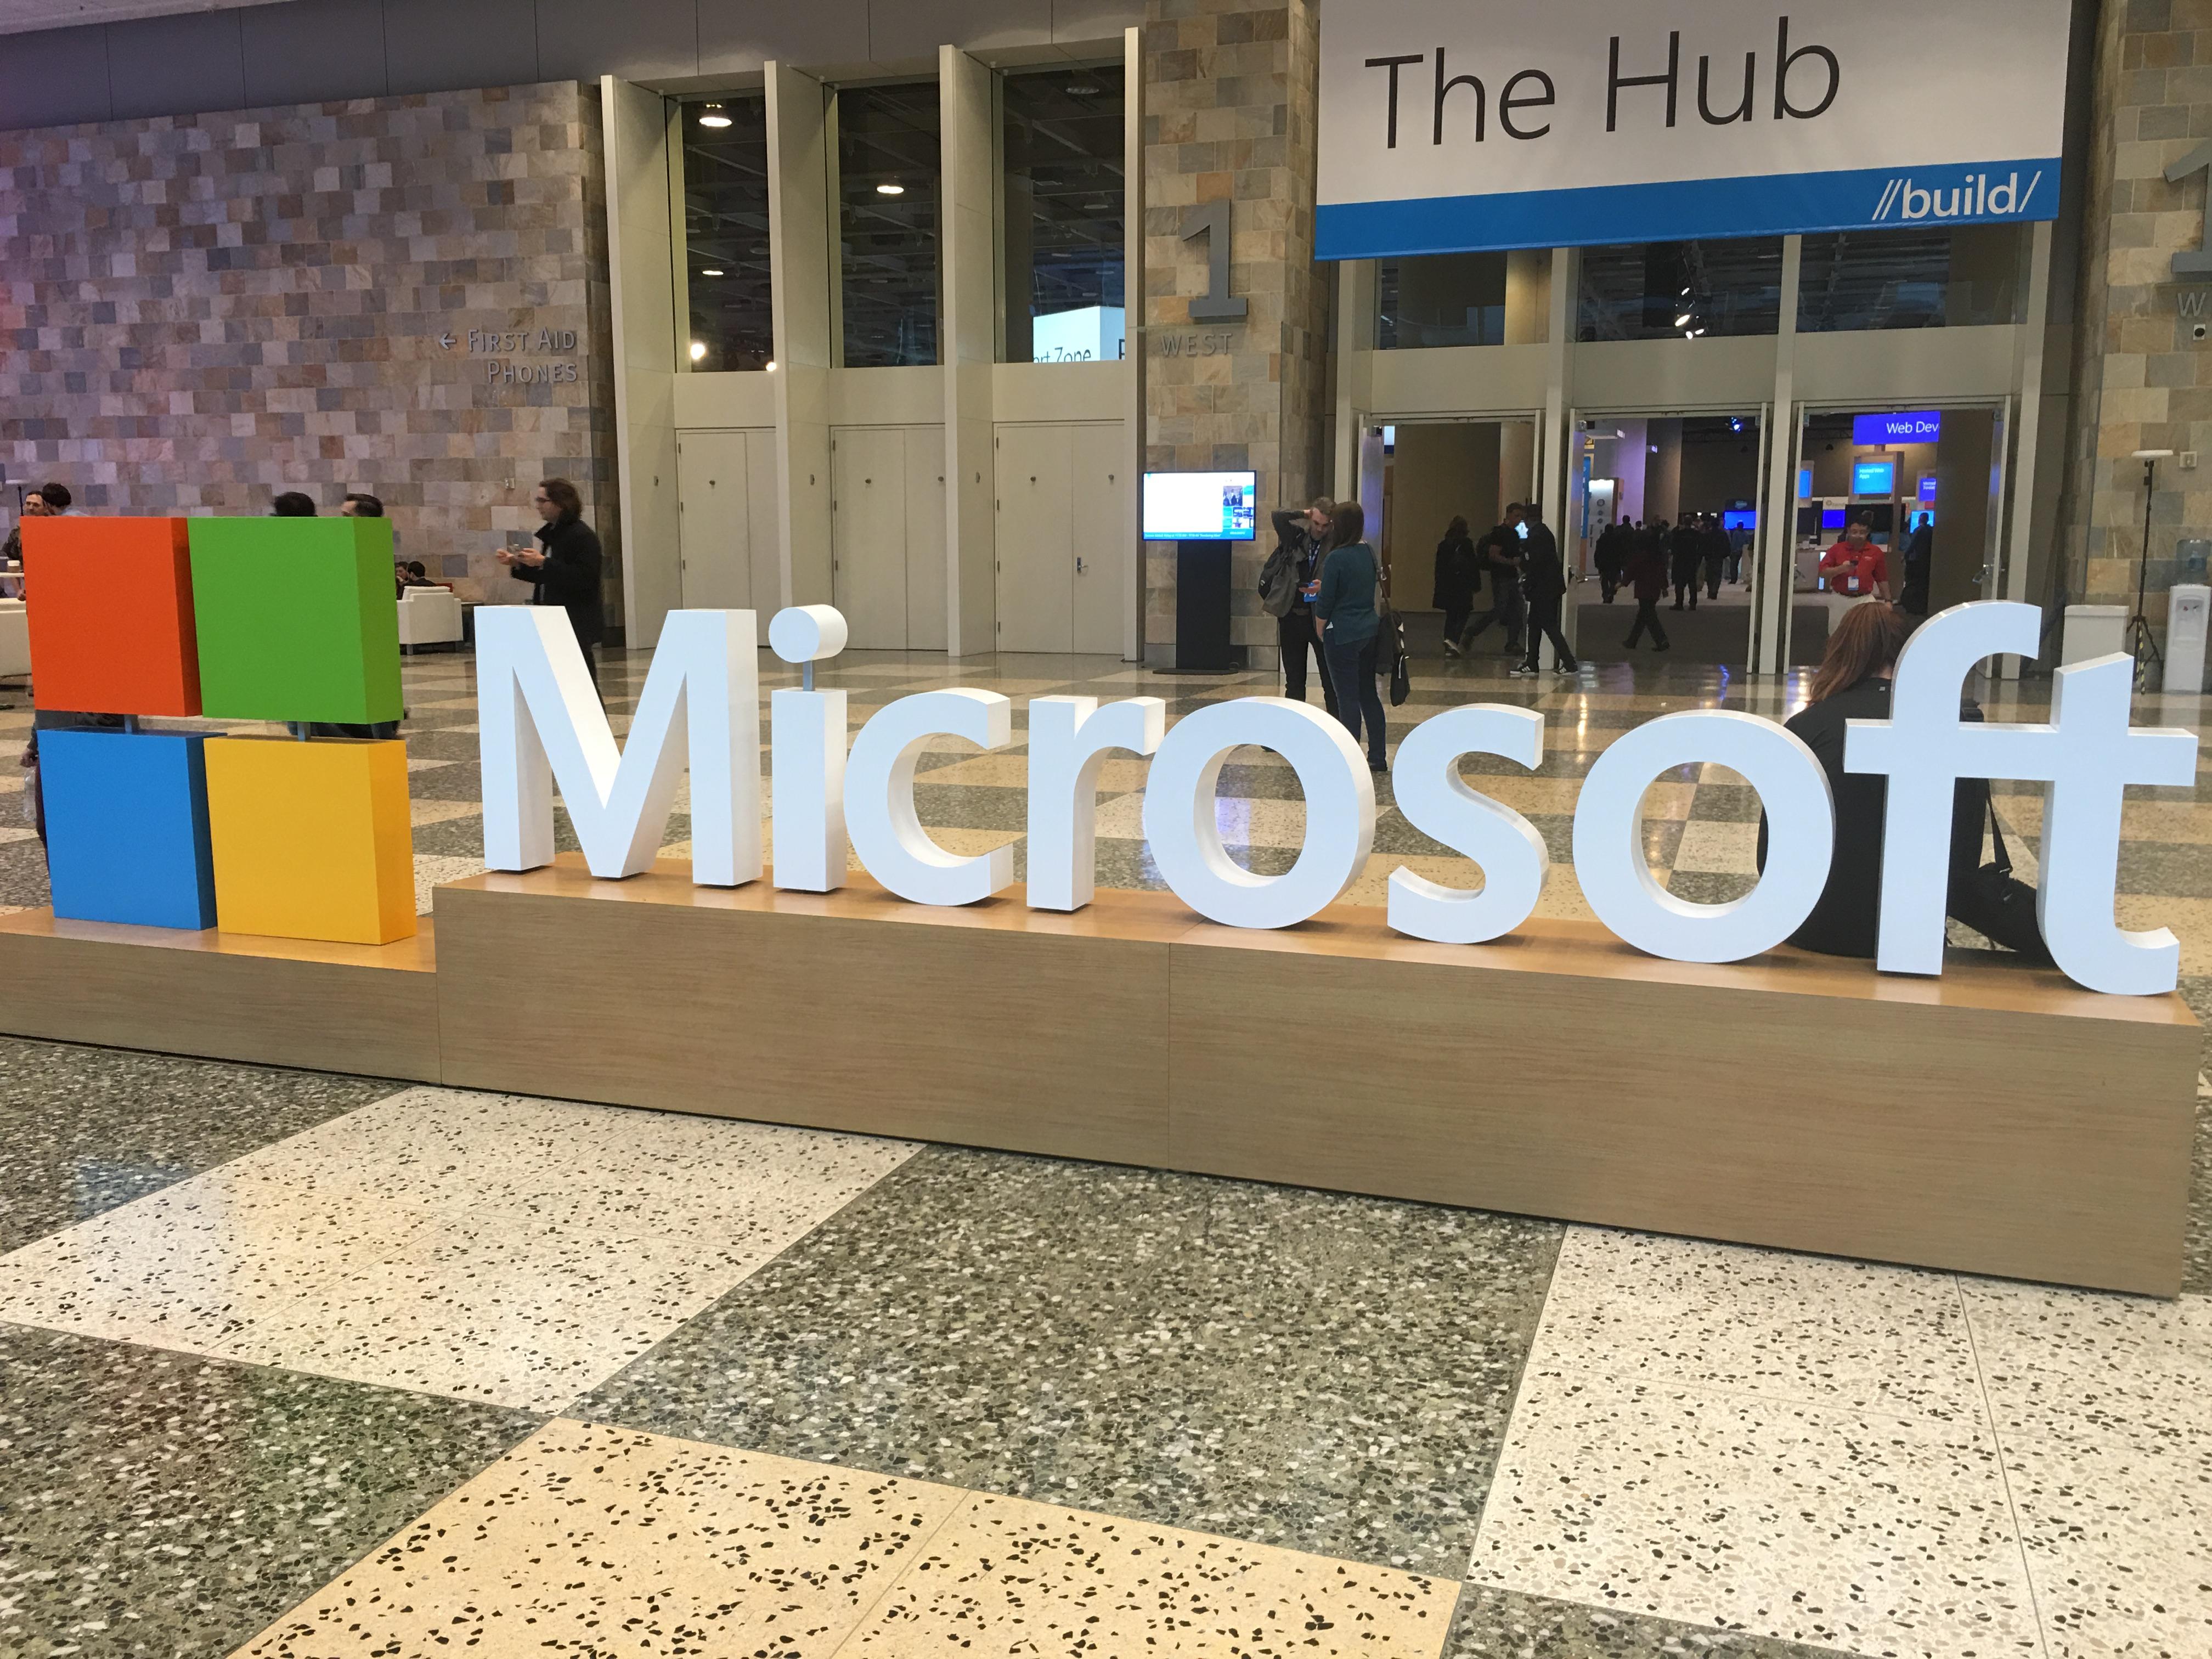 PhotoDNA-teknologien til Microsoft er i stand til å oppdage overgrepsbilder.